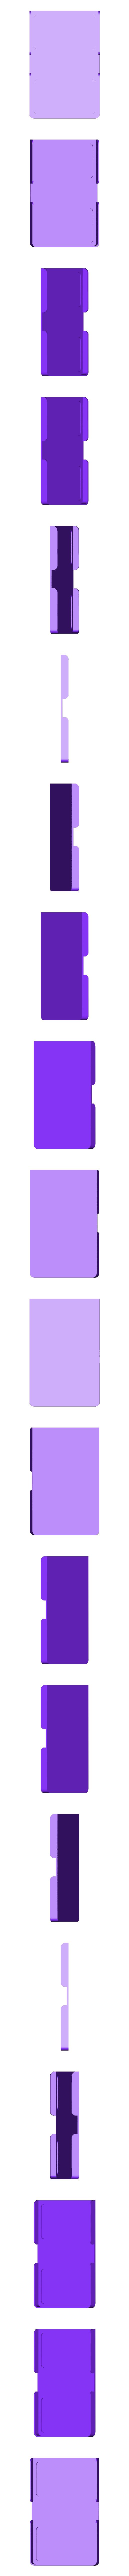 wallet2.stl Télécharger fichier STL gratuit Portefeuille extra fin • Modèle pour imprimante 3D, franciscoczapski